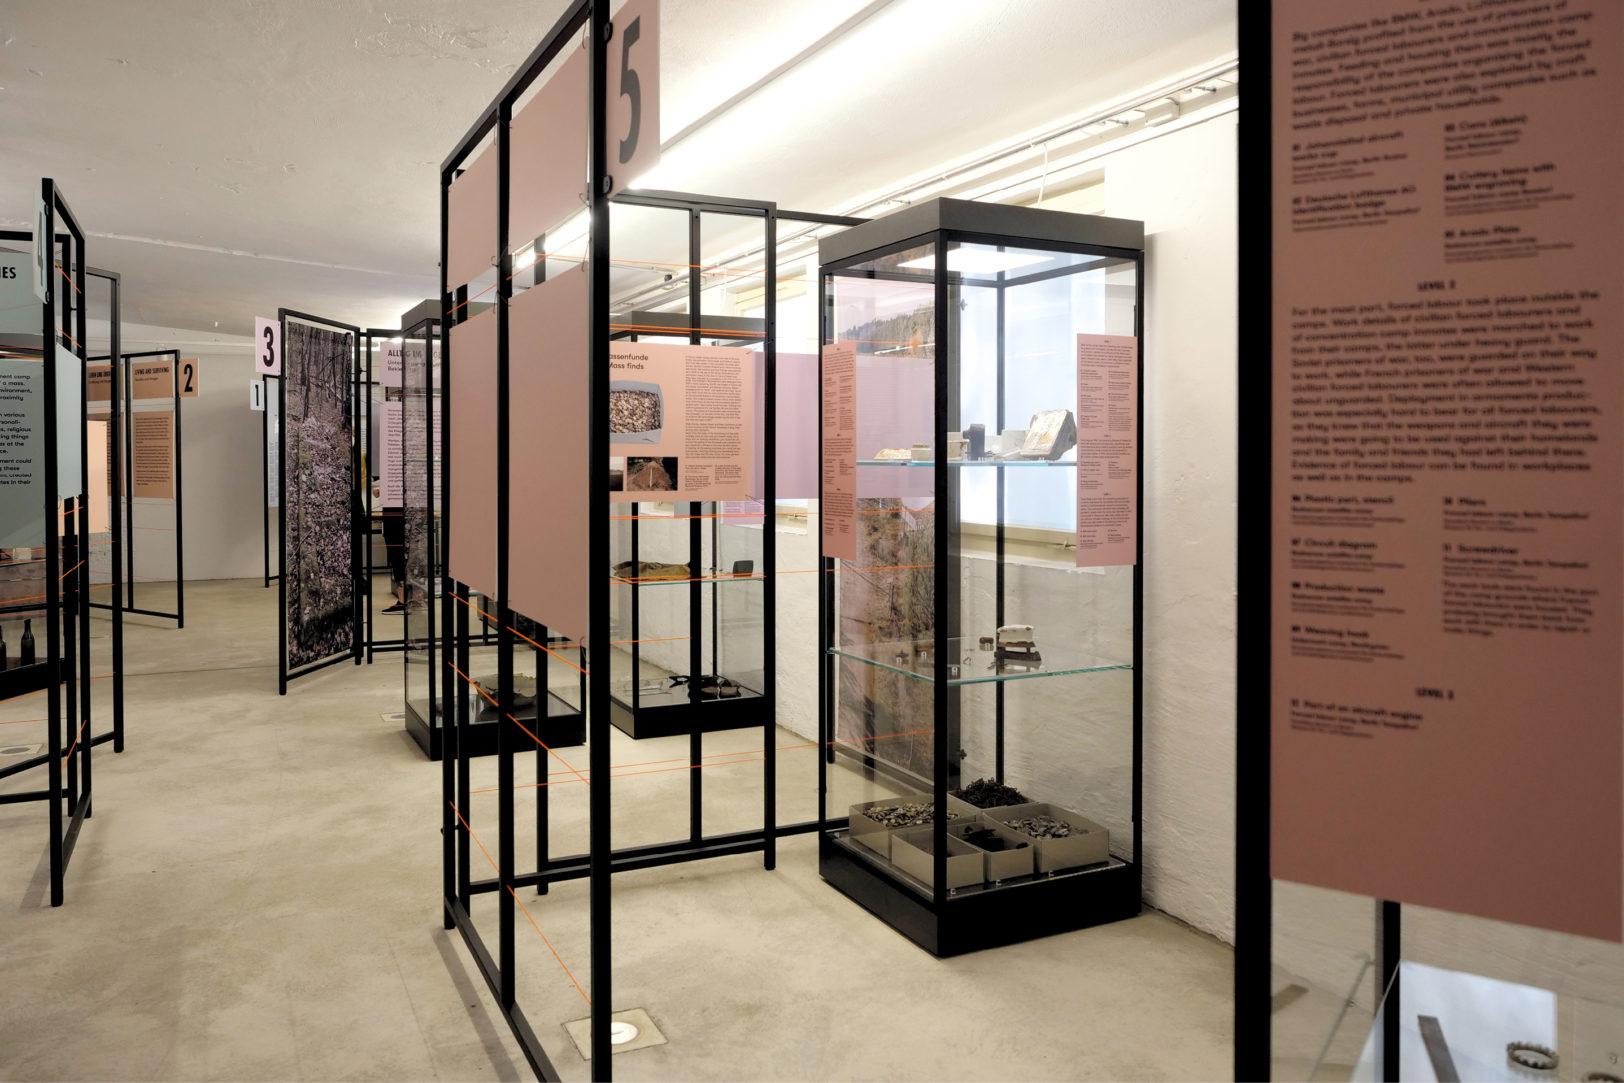 http://e-o-t.de/wordpress/wp-content/uploads/2020/04/Exhibition-Ausgeschlossen-eot-7.jpg